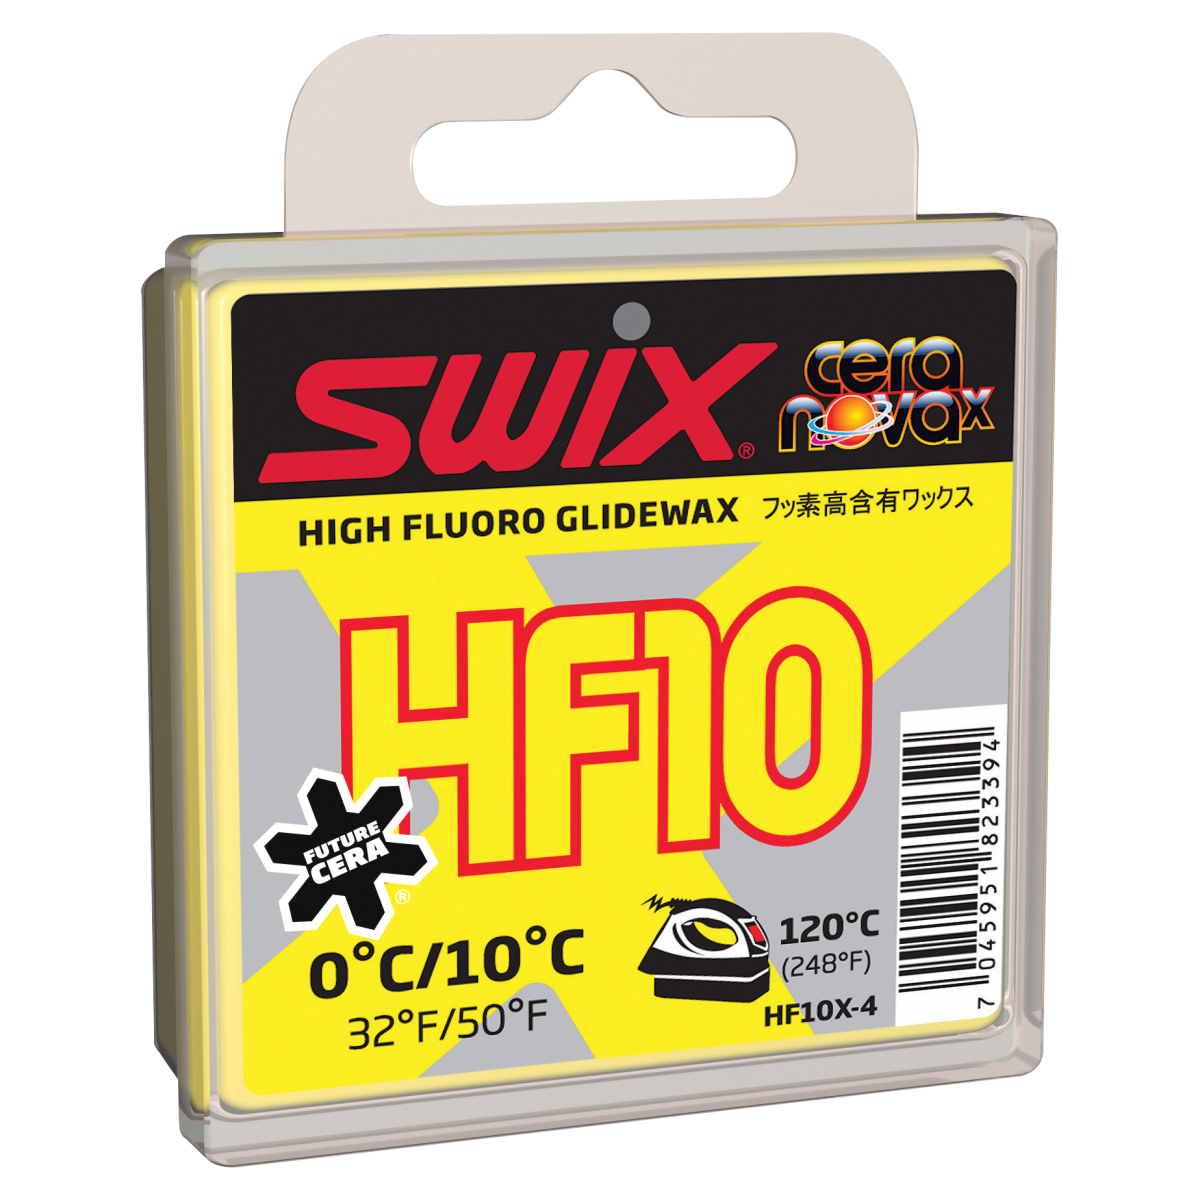 Swix Cera F HF10 gul høyfluorvoks  +10 - 0 C